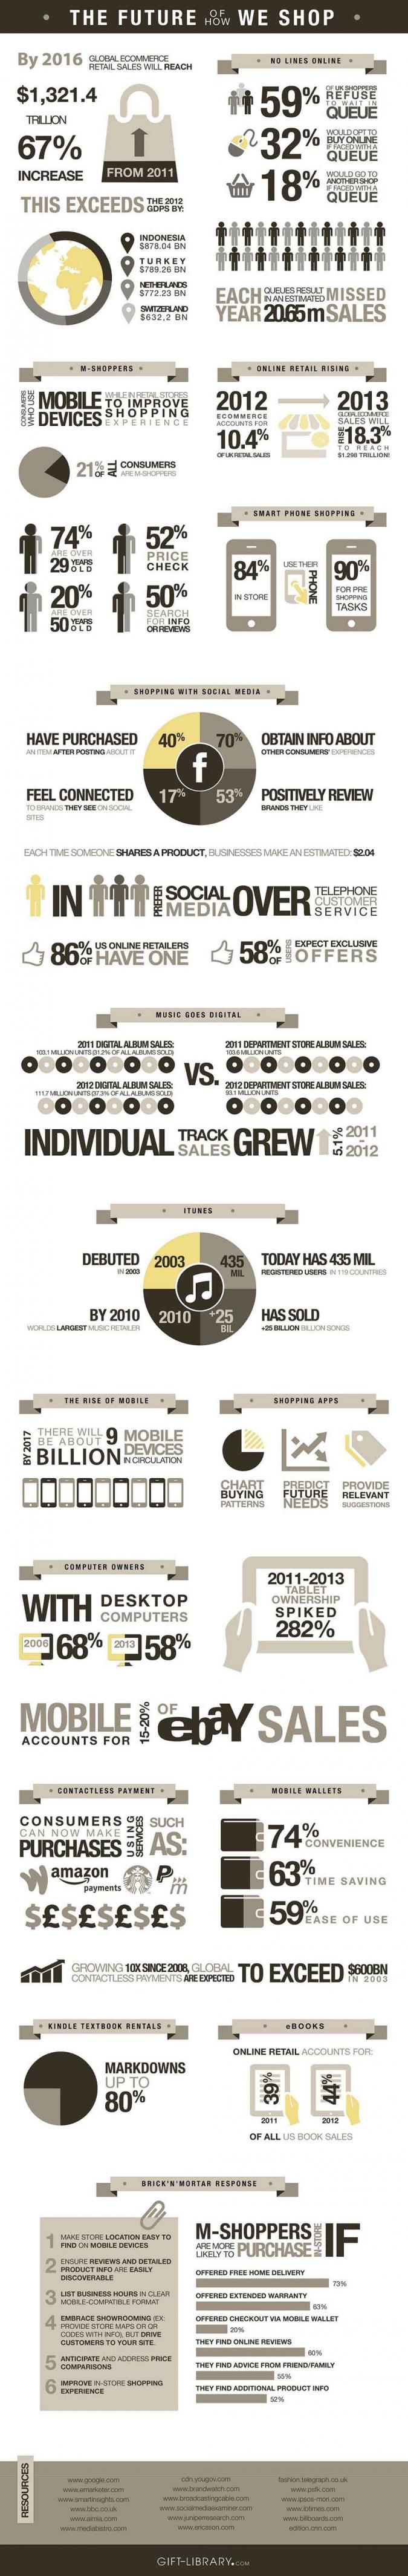 Grafik: Wie sieht die Zukunft von Mobile Shopping und E-Commerce aus?